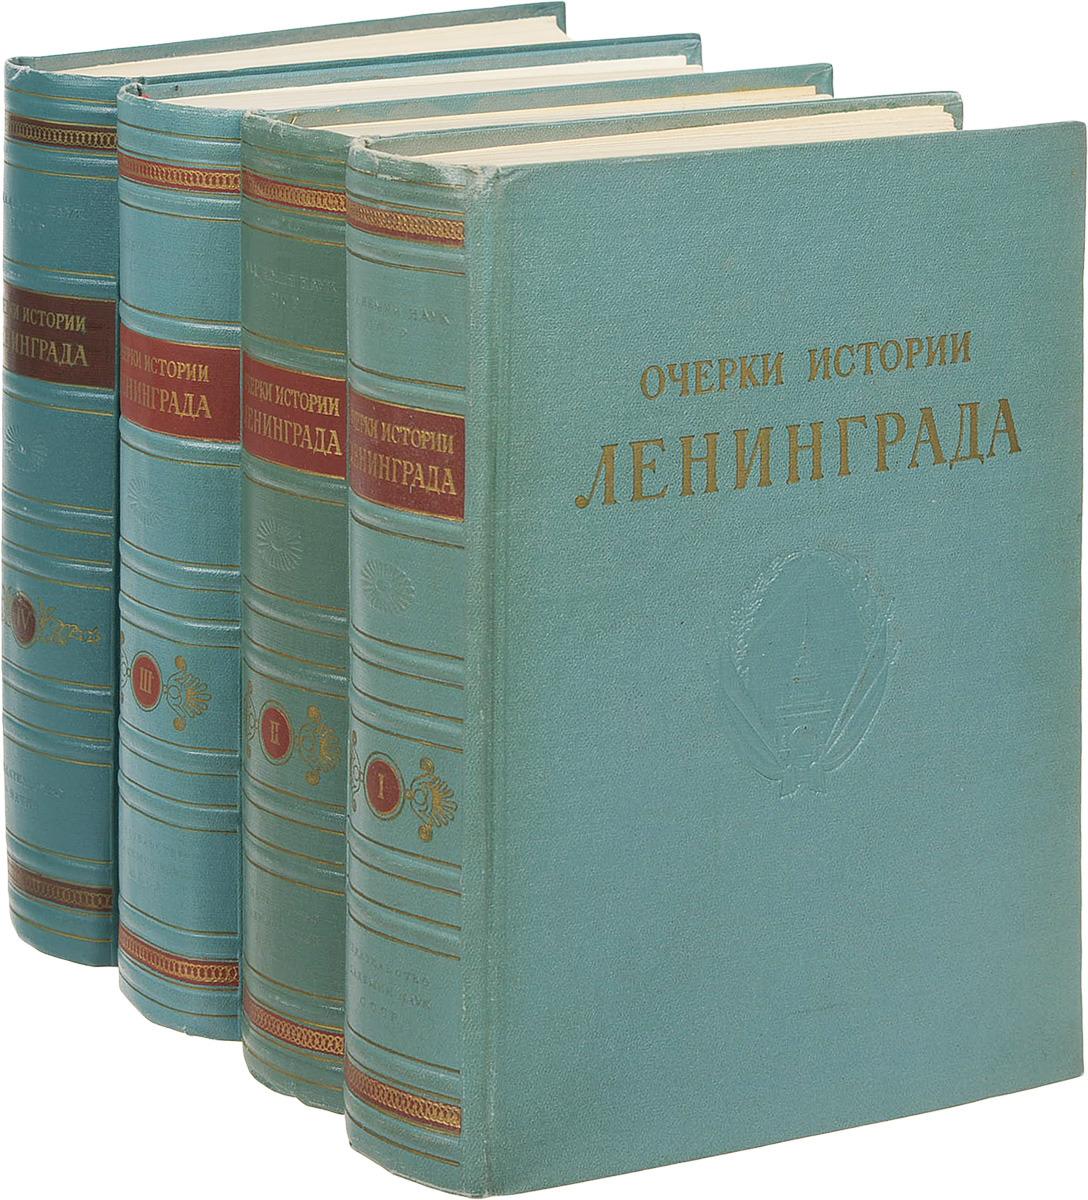 Очерки истории Ленинграда (комплект из 4 книг) цены онлайн